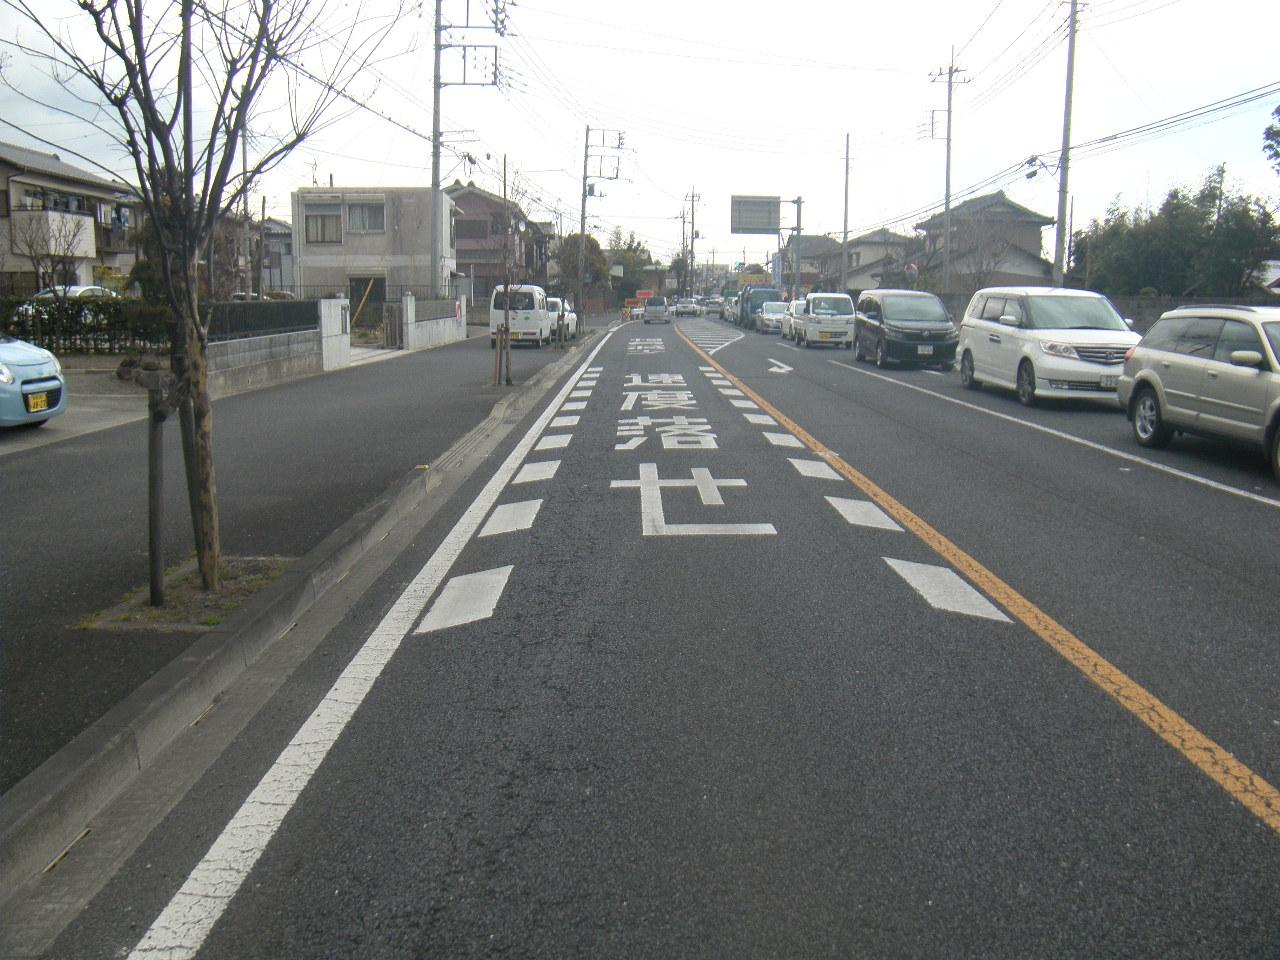 単独街路事業(管理) 舗装補修工事 施工前